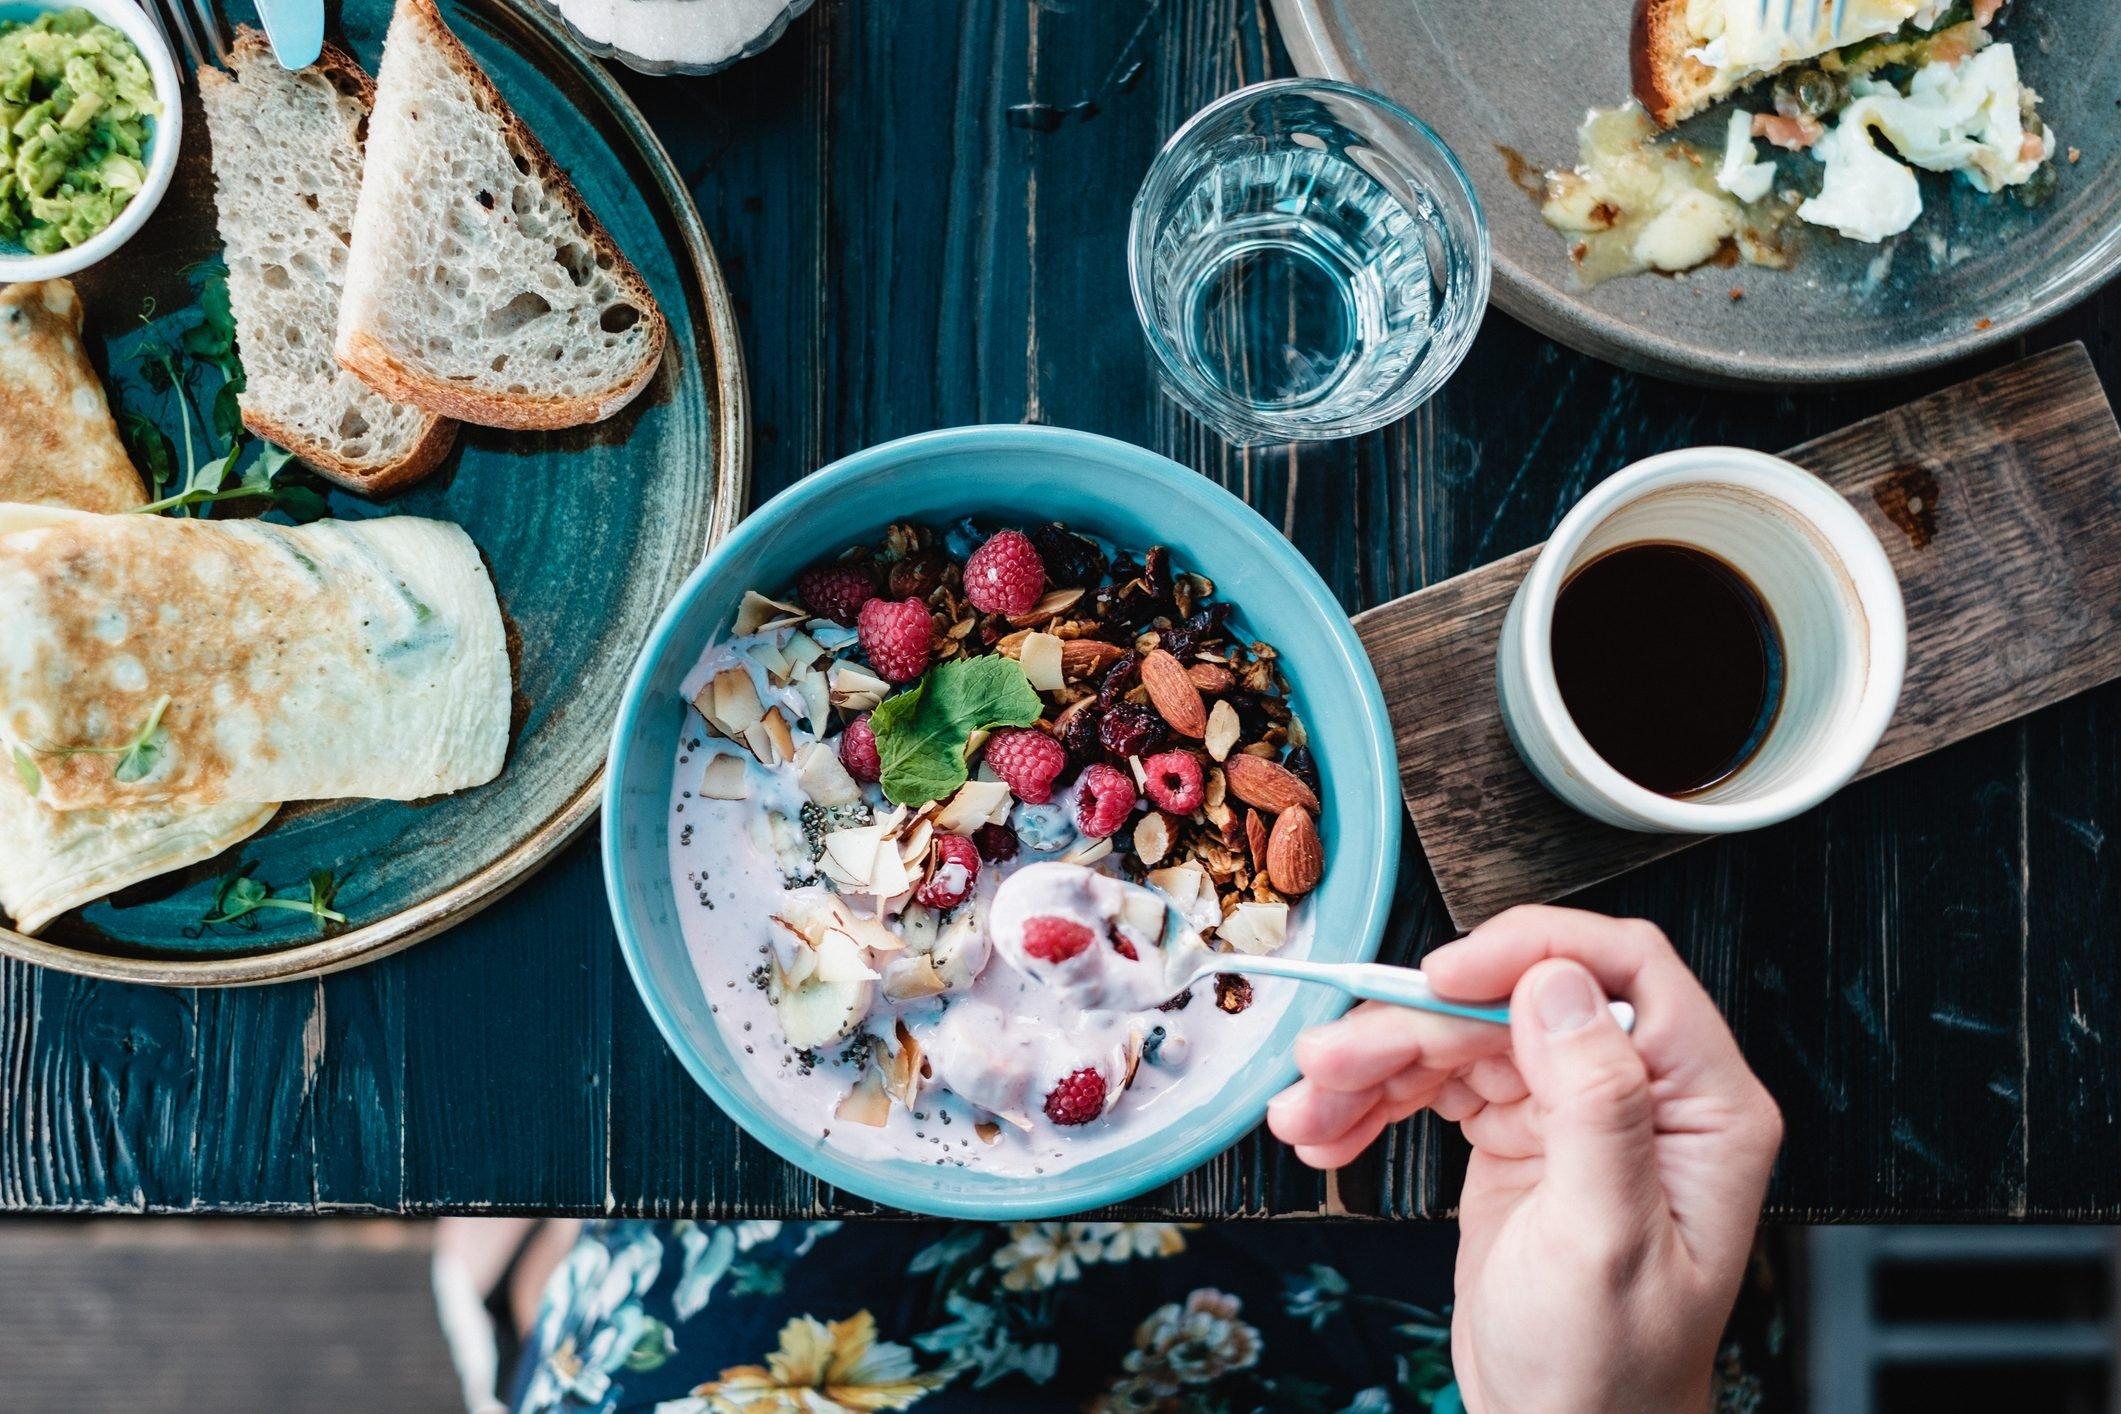 Đức: Ăn sáng của bạn